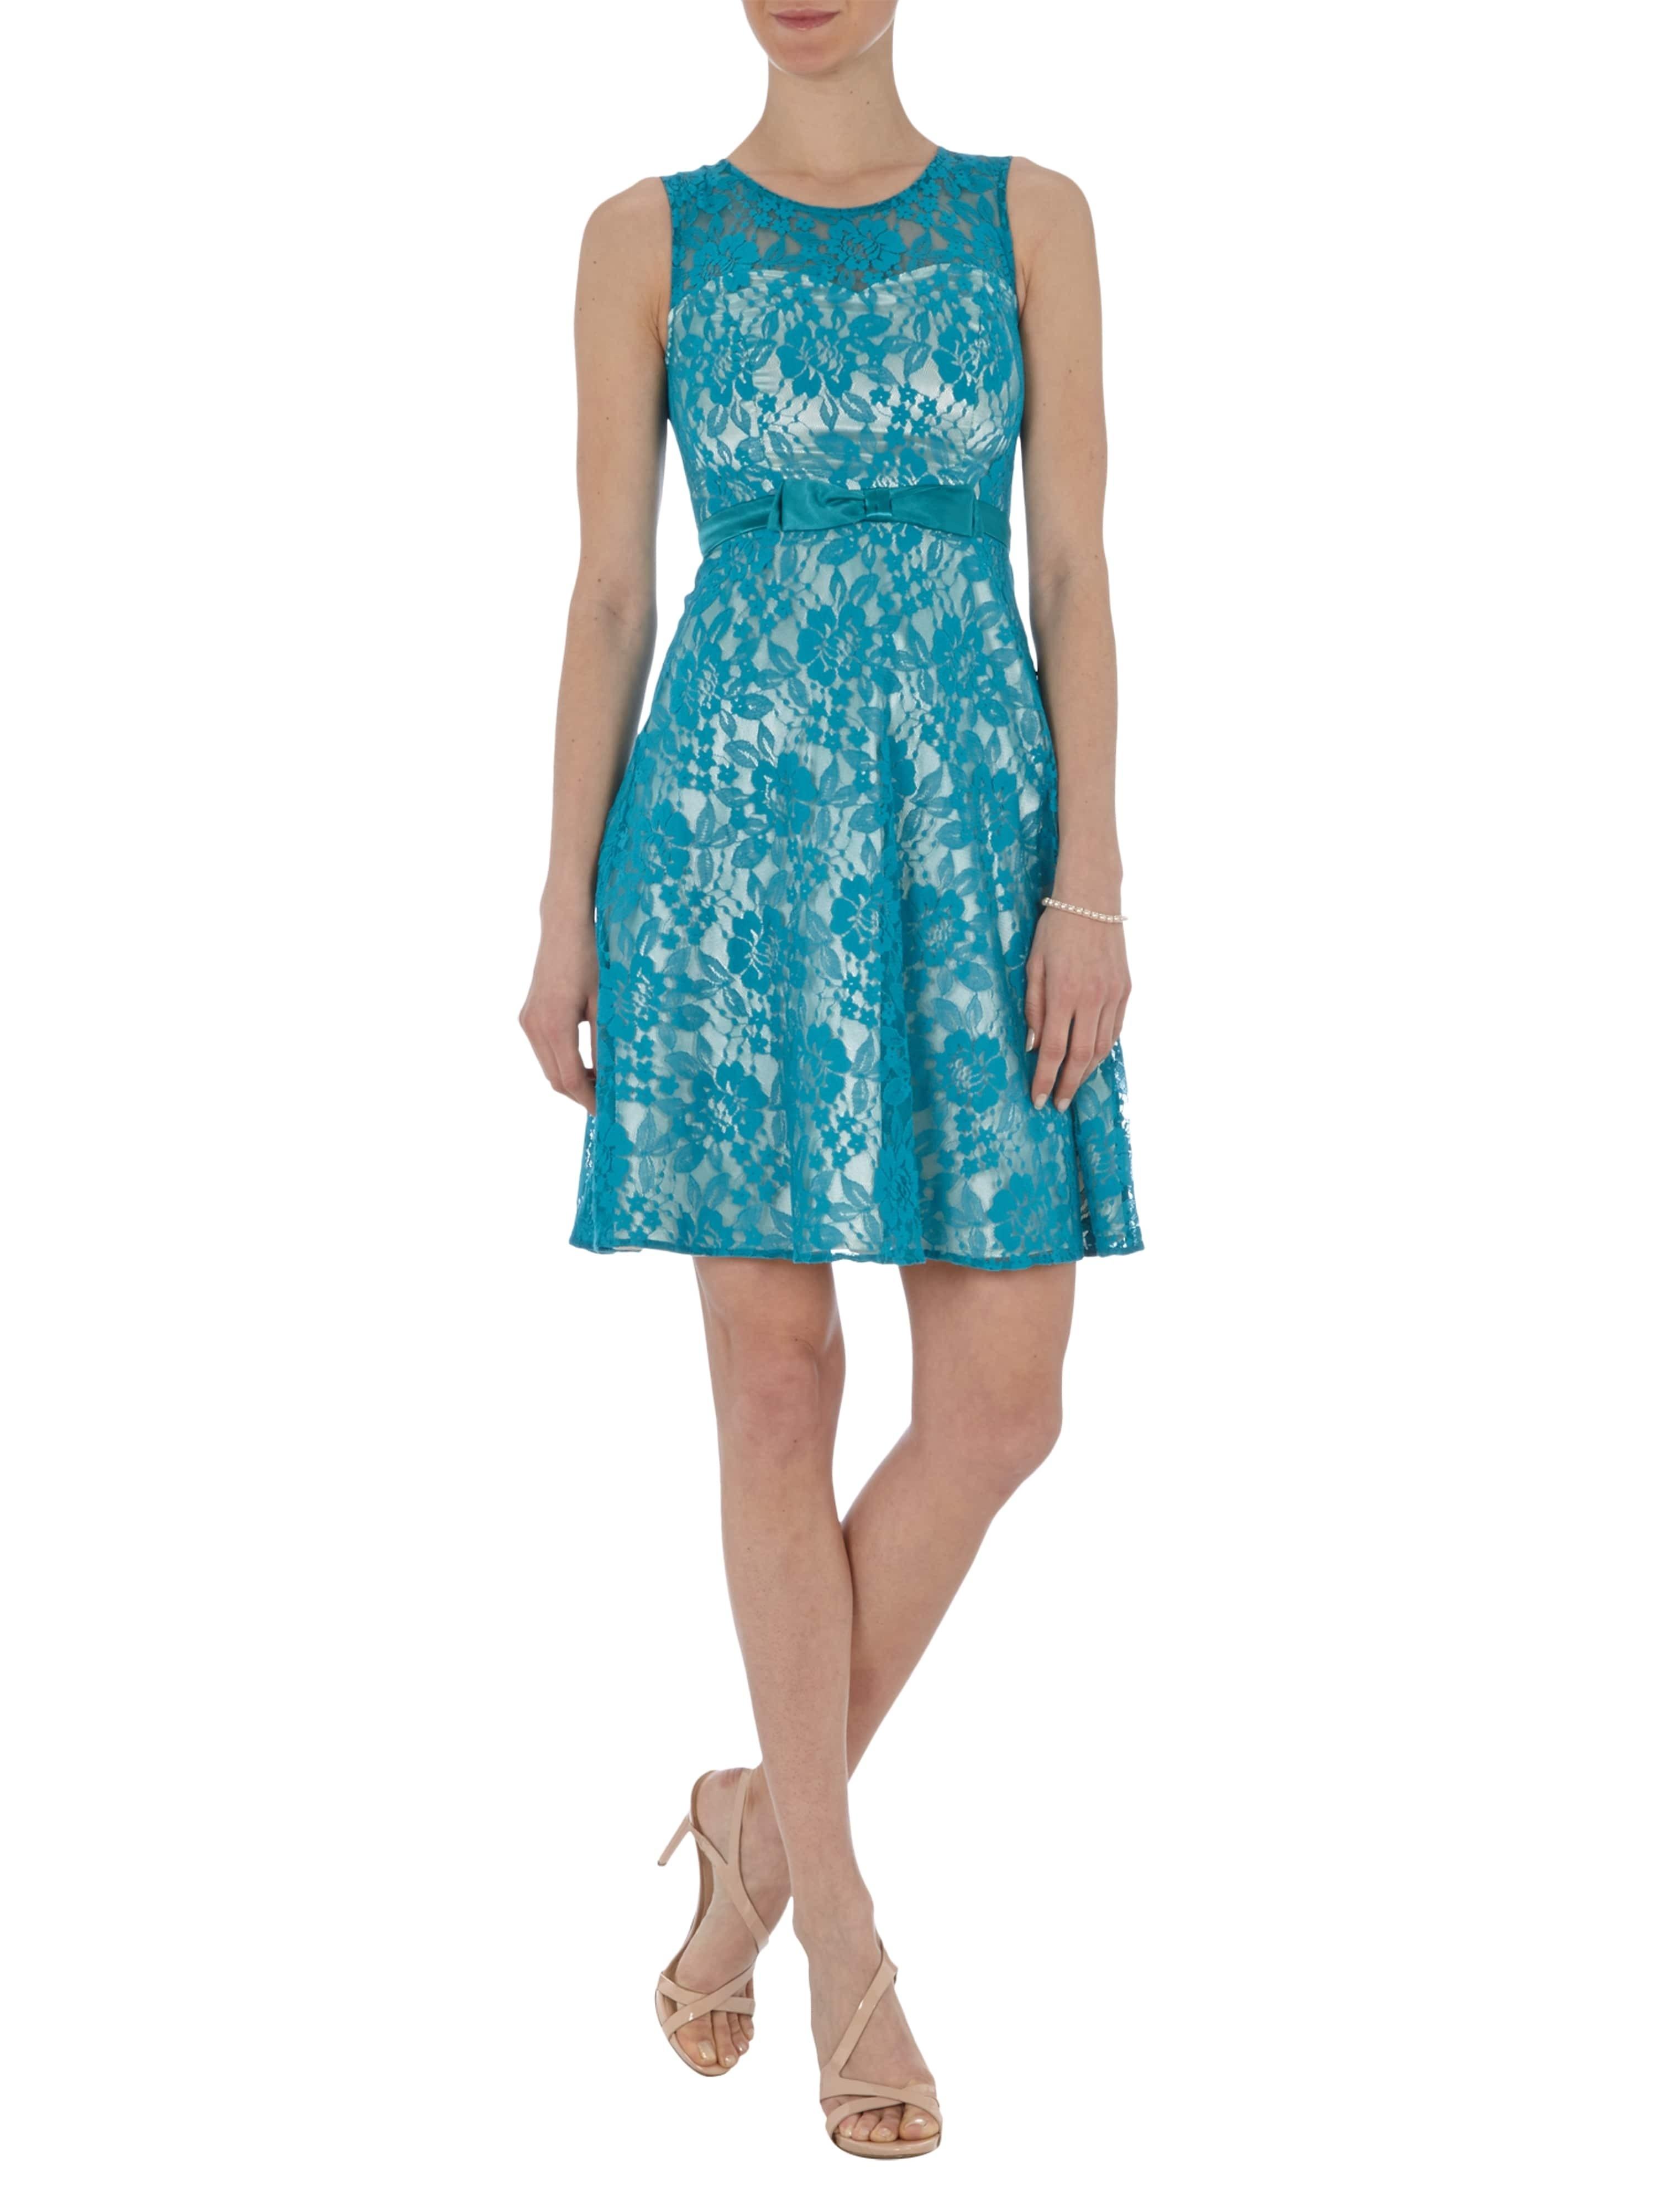 13 Erstaunlich Kleid Spitze Grün Vertrieb17 Coolste Kleid Spitze Grün Ärmel